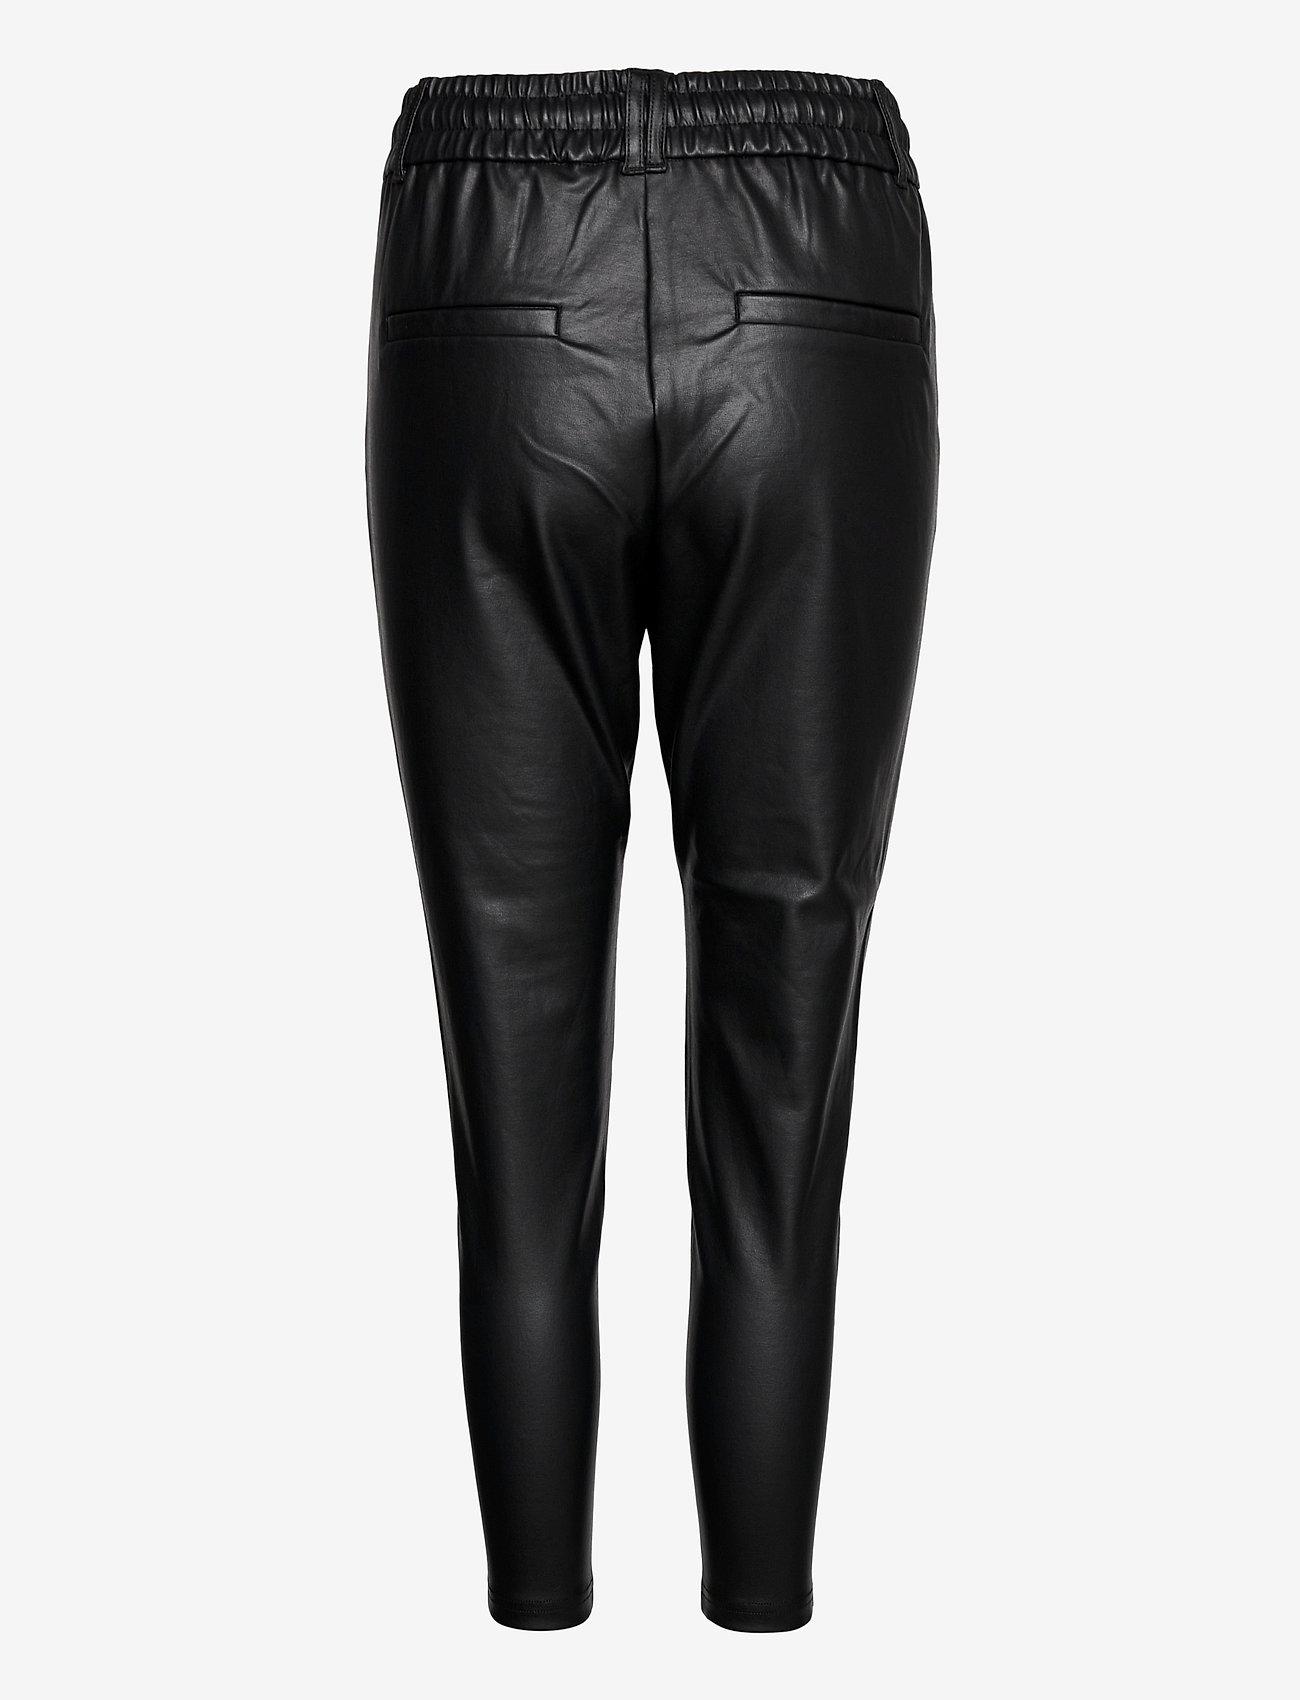 ONLY - ONLPOPTRASH EASY COATED PANT PNT - læderbukser - black - 1